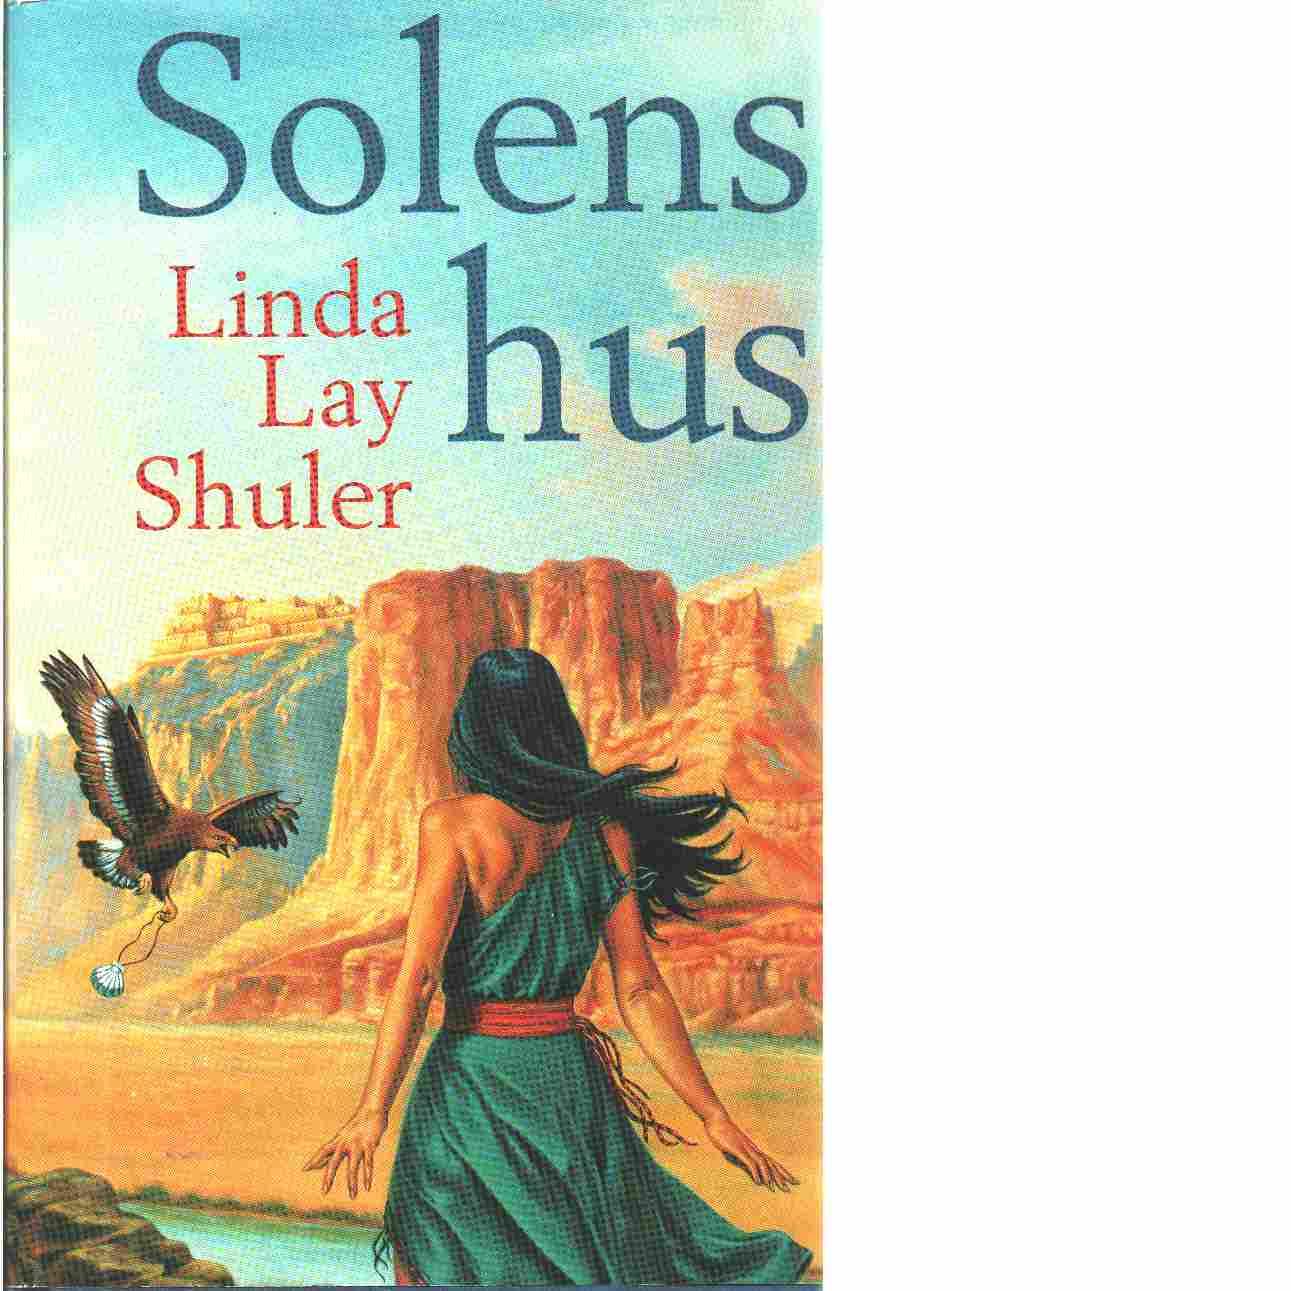 Solens hus - Shuler, Linda Lay